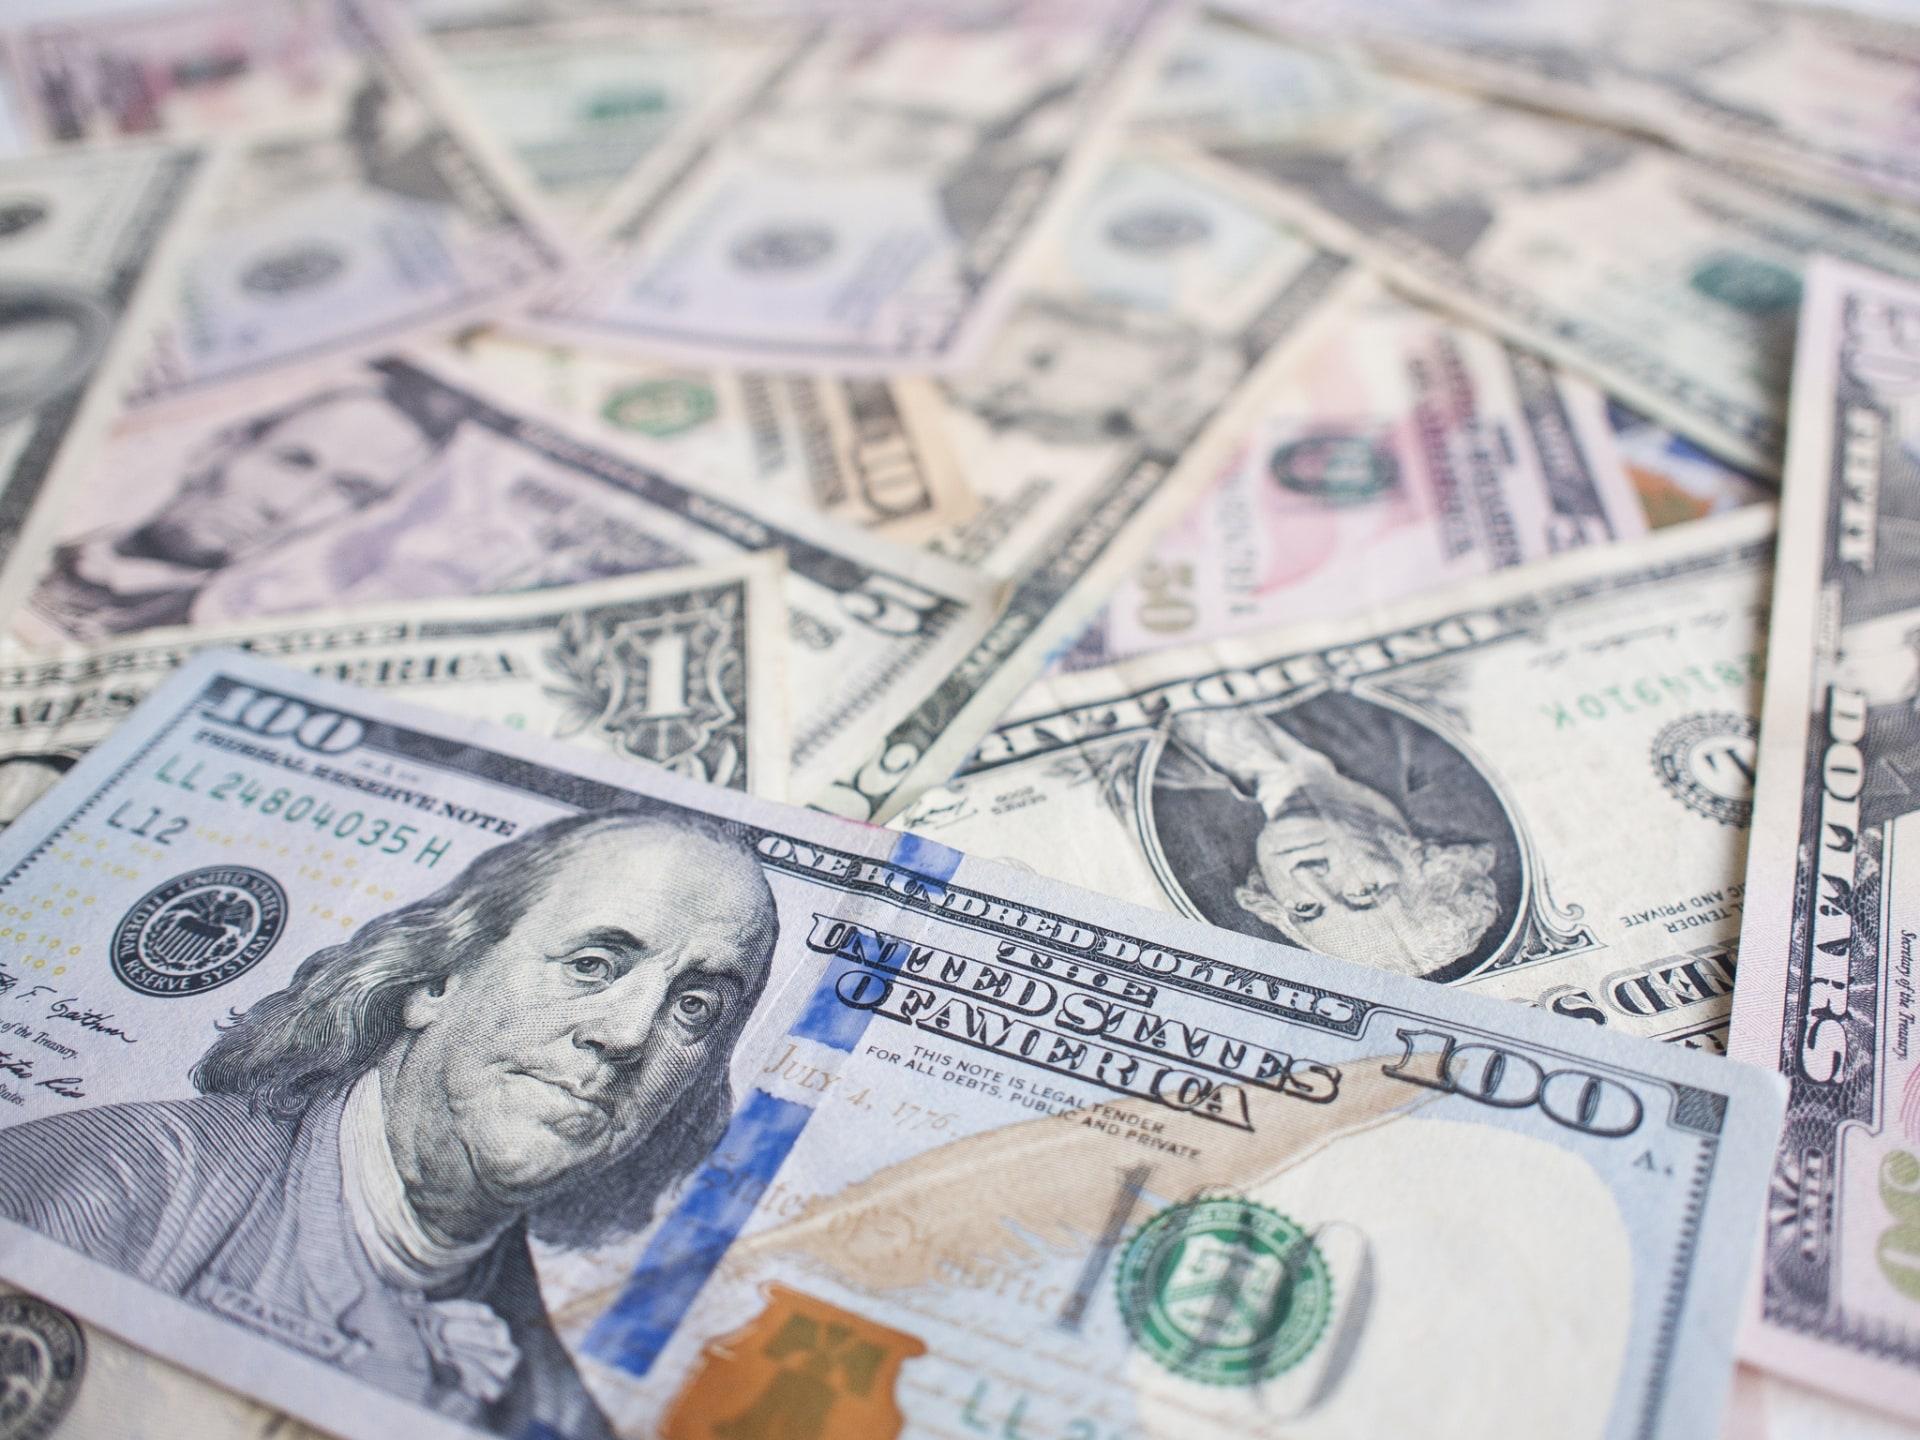 【海外旅行保険】クレジットカードの海外旅行保険の不足分を補う